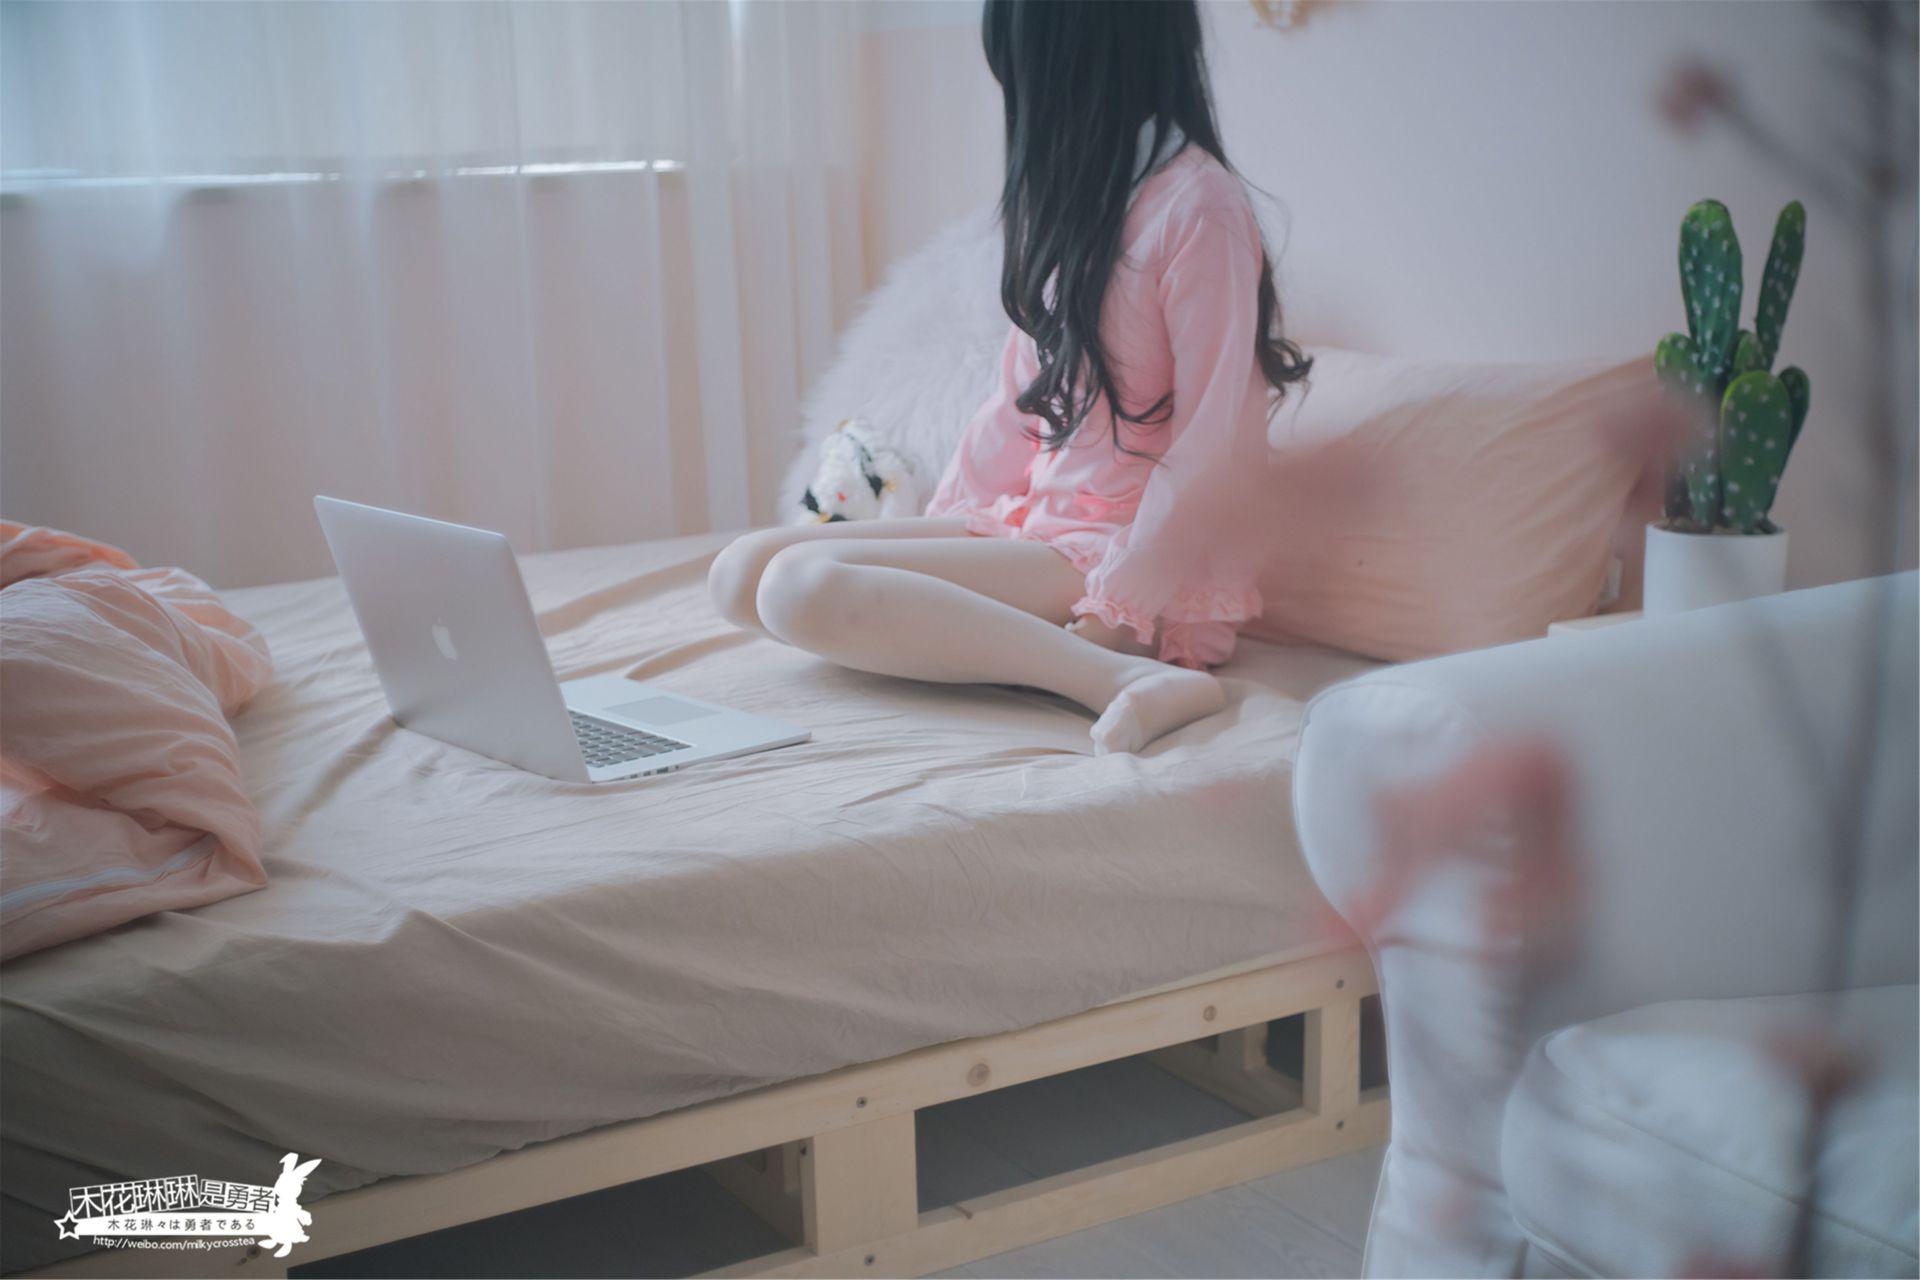 木花琳琳是勇者 No008 こどものじかん 兔玩映画 第16张